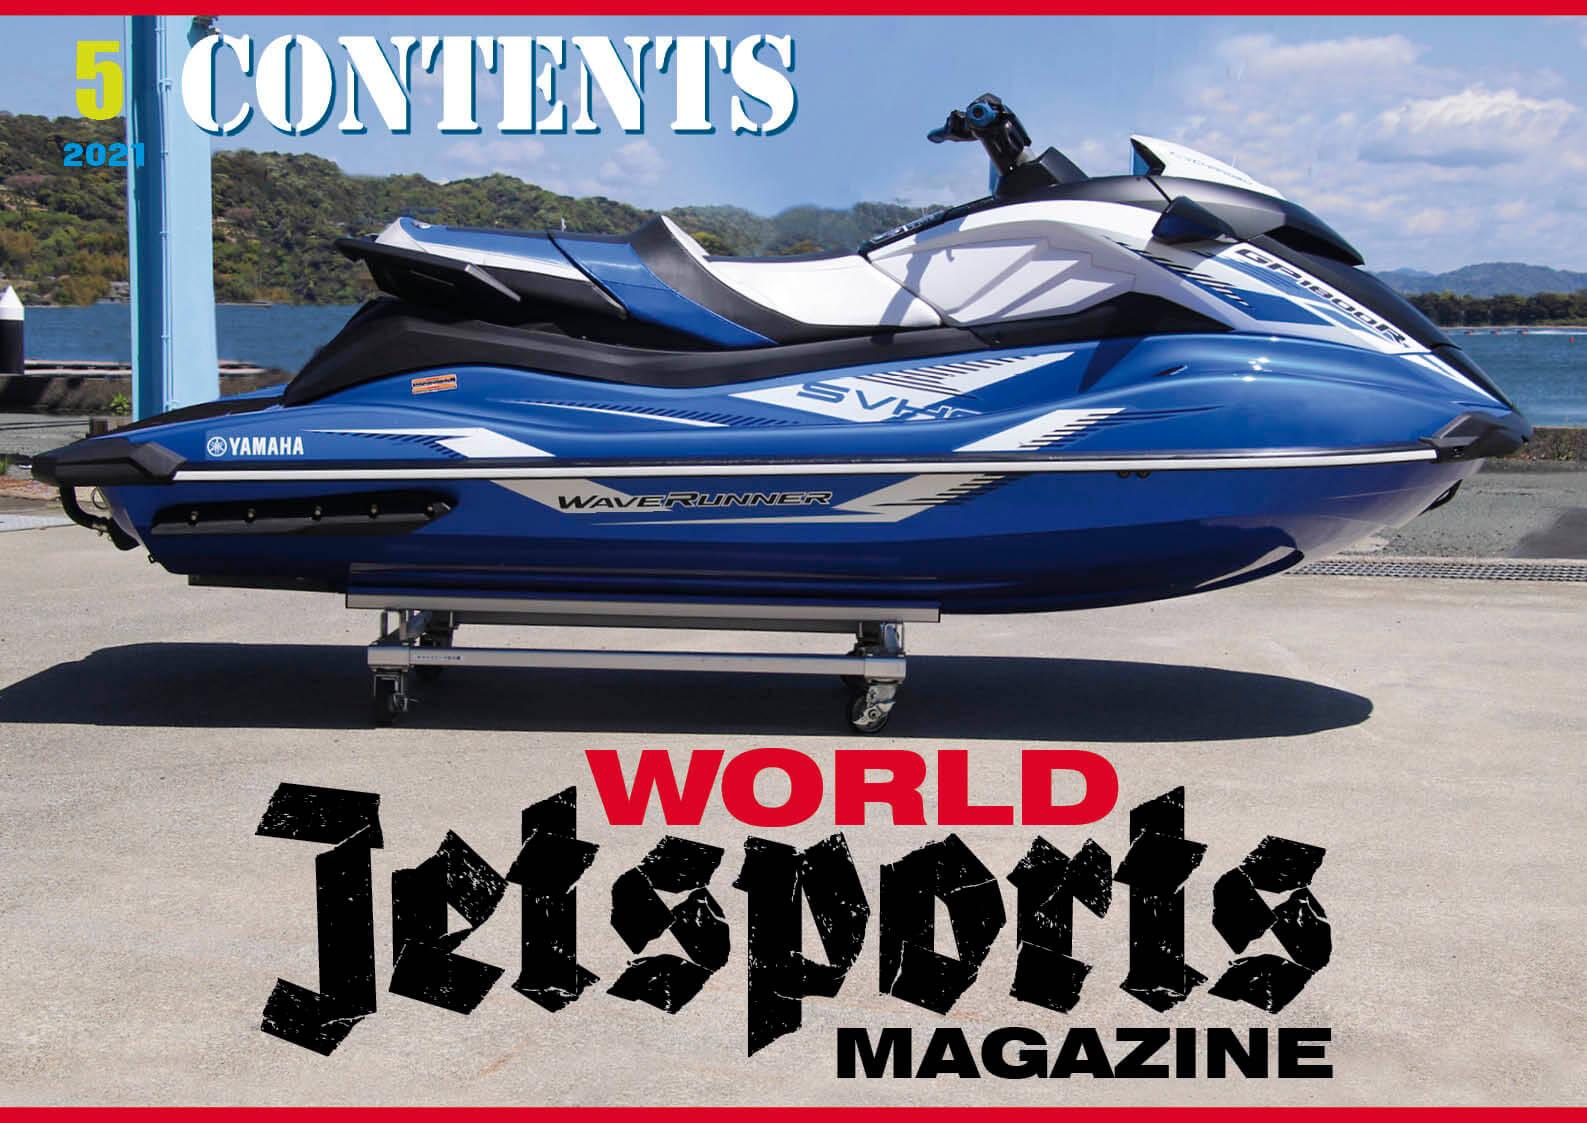 チョット立ち読み! ワールドジェットスポーツマガジン「2021年5月号」 日本初、ヤマハのニューSUPER JET 乗った記事です!ジェットスキー(水上バイク)